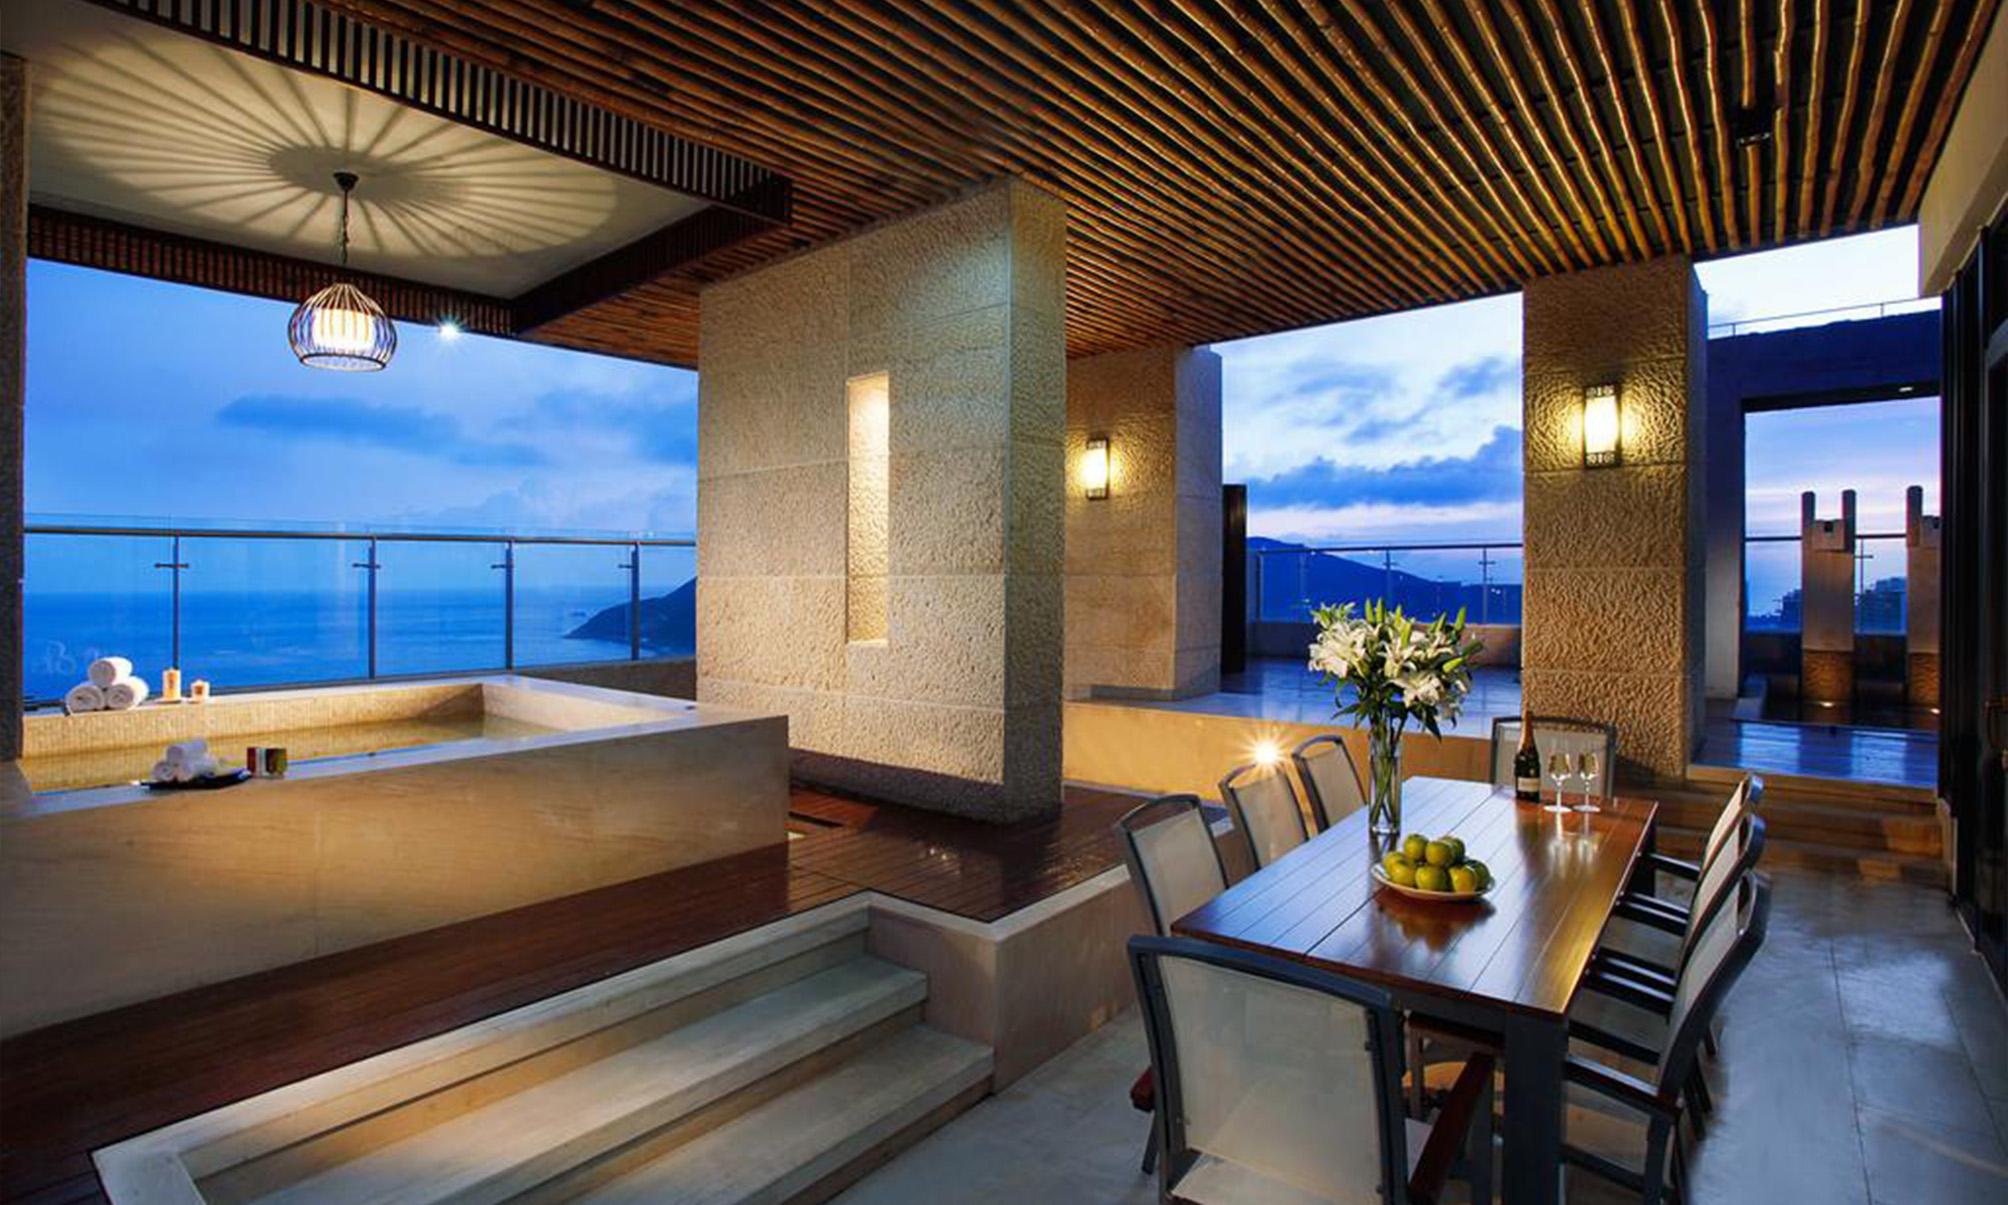 酒店家具定制该侧重什么样的家具?